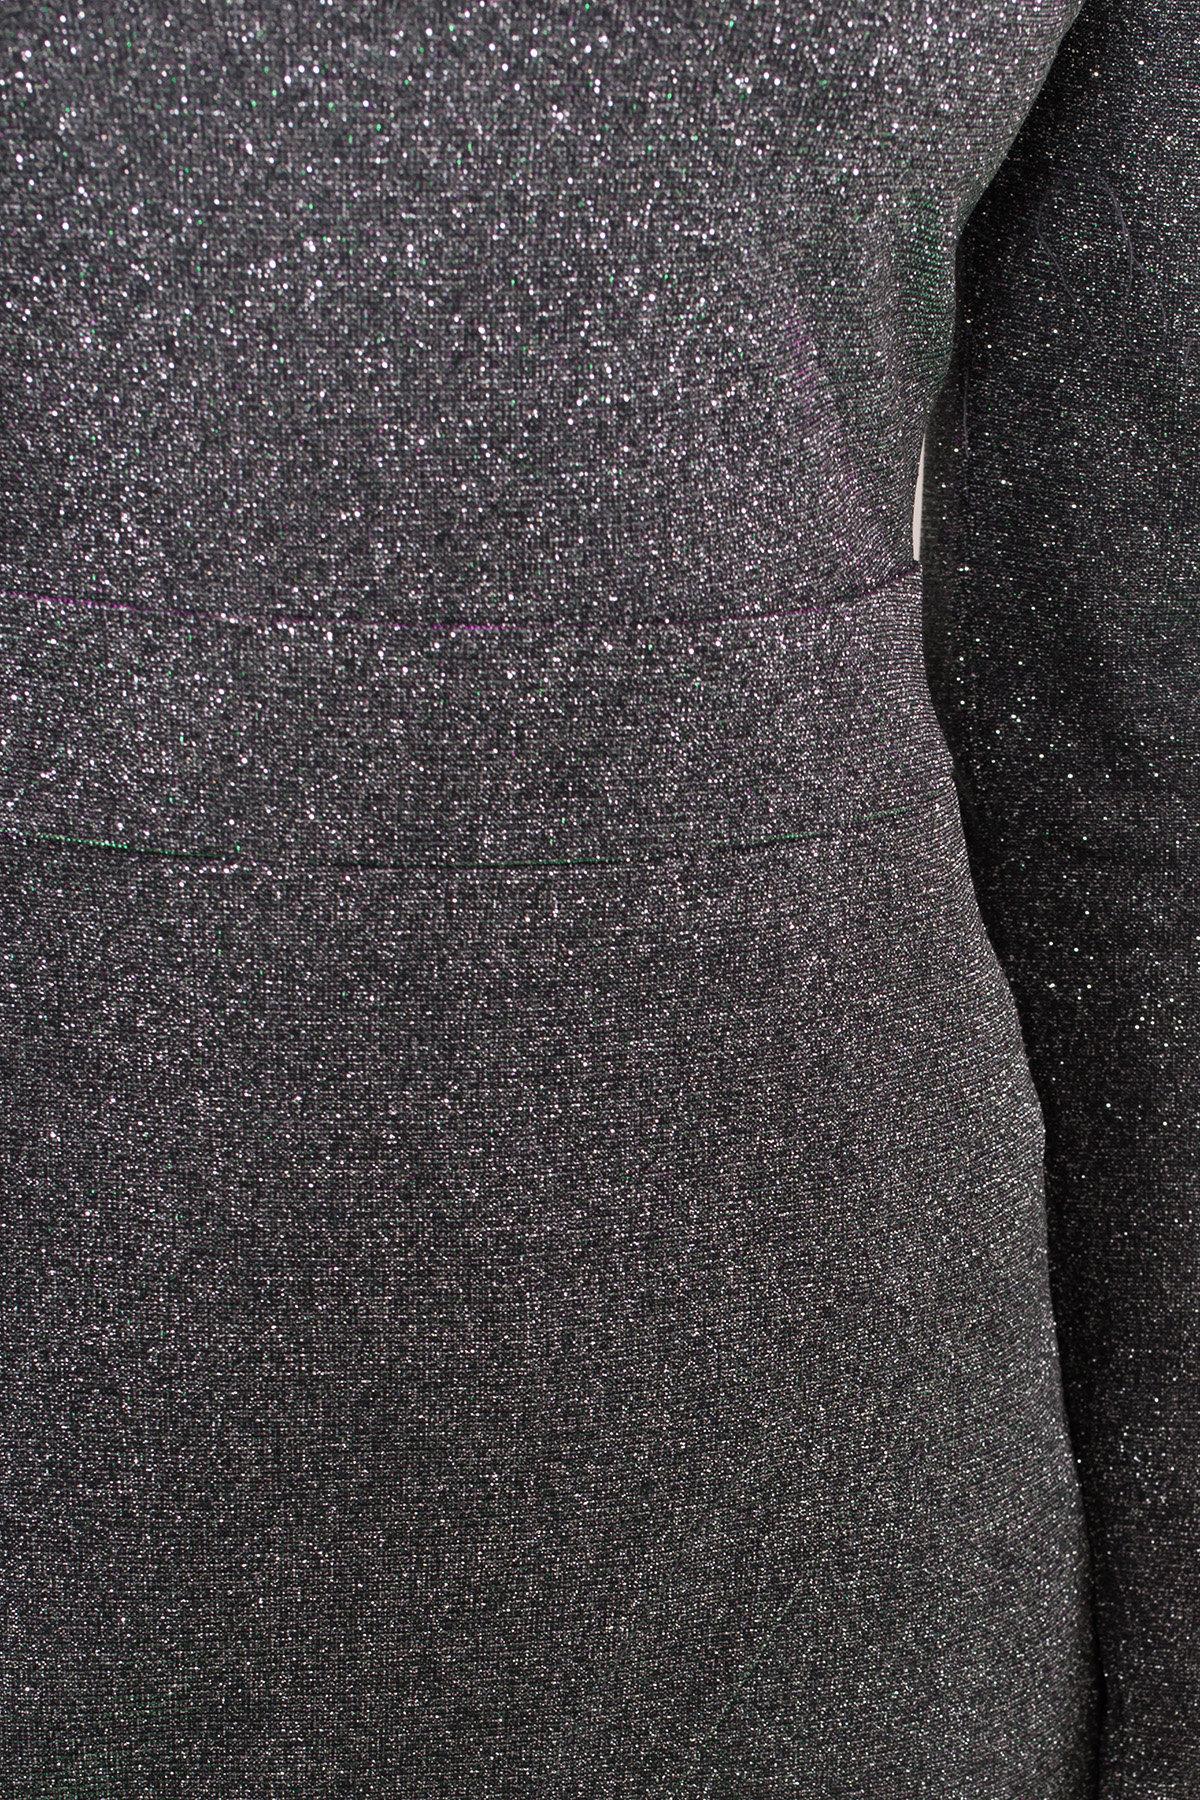 Коктейльное платье Кристал 8346 АРТ. 44902 Цвет: Серебро/изумруд/розовый - фото 7, интернет магазин tm-modus.ru